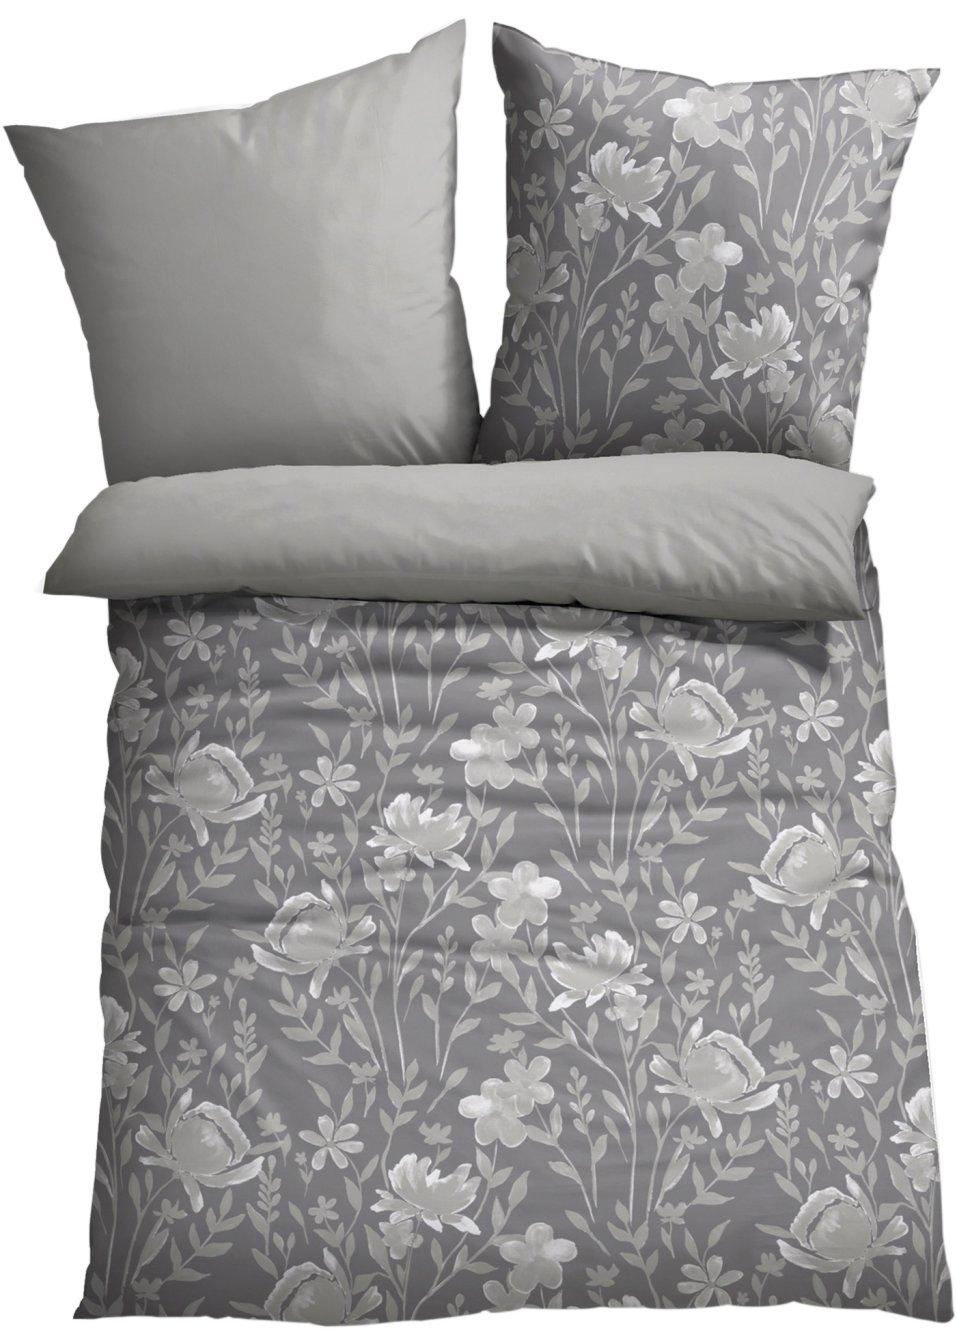 sch n bedruckte bettw sche blume zum wenden grau jersey. Black Bedroom Furniture Sets. Home Design Ideas